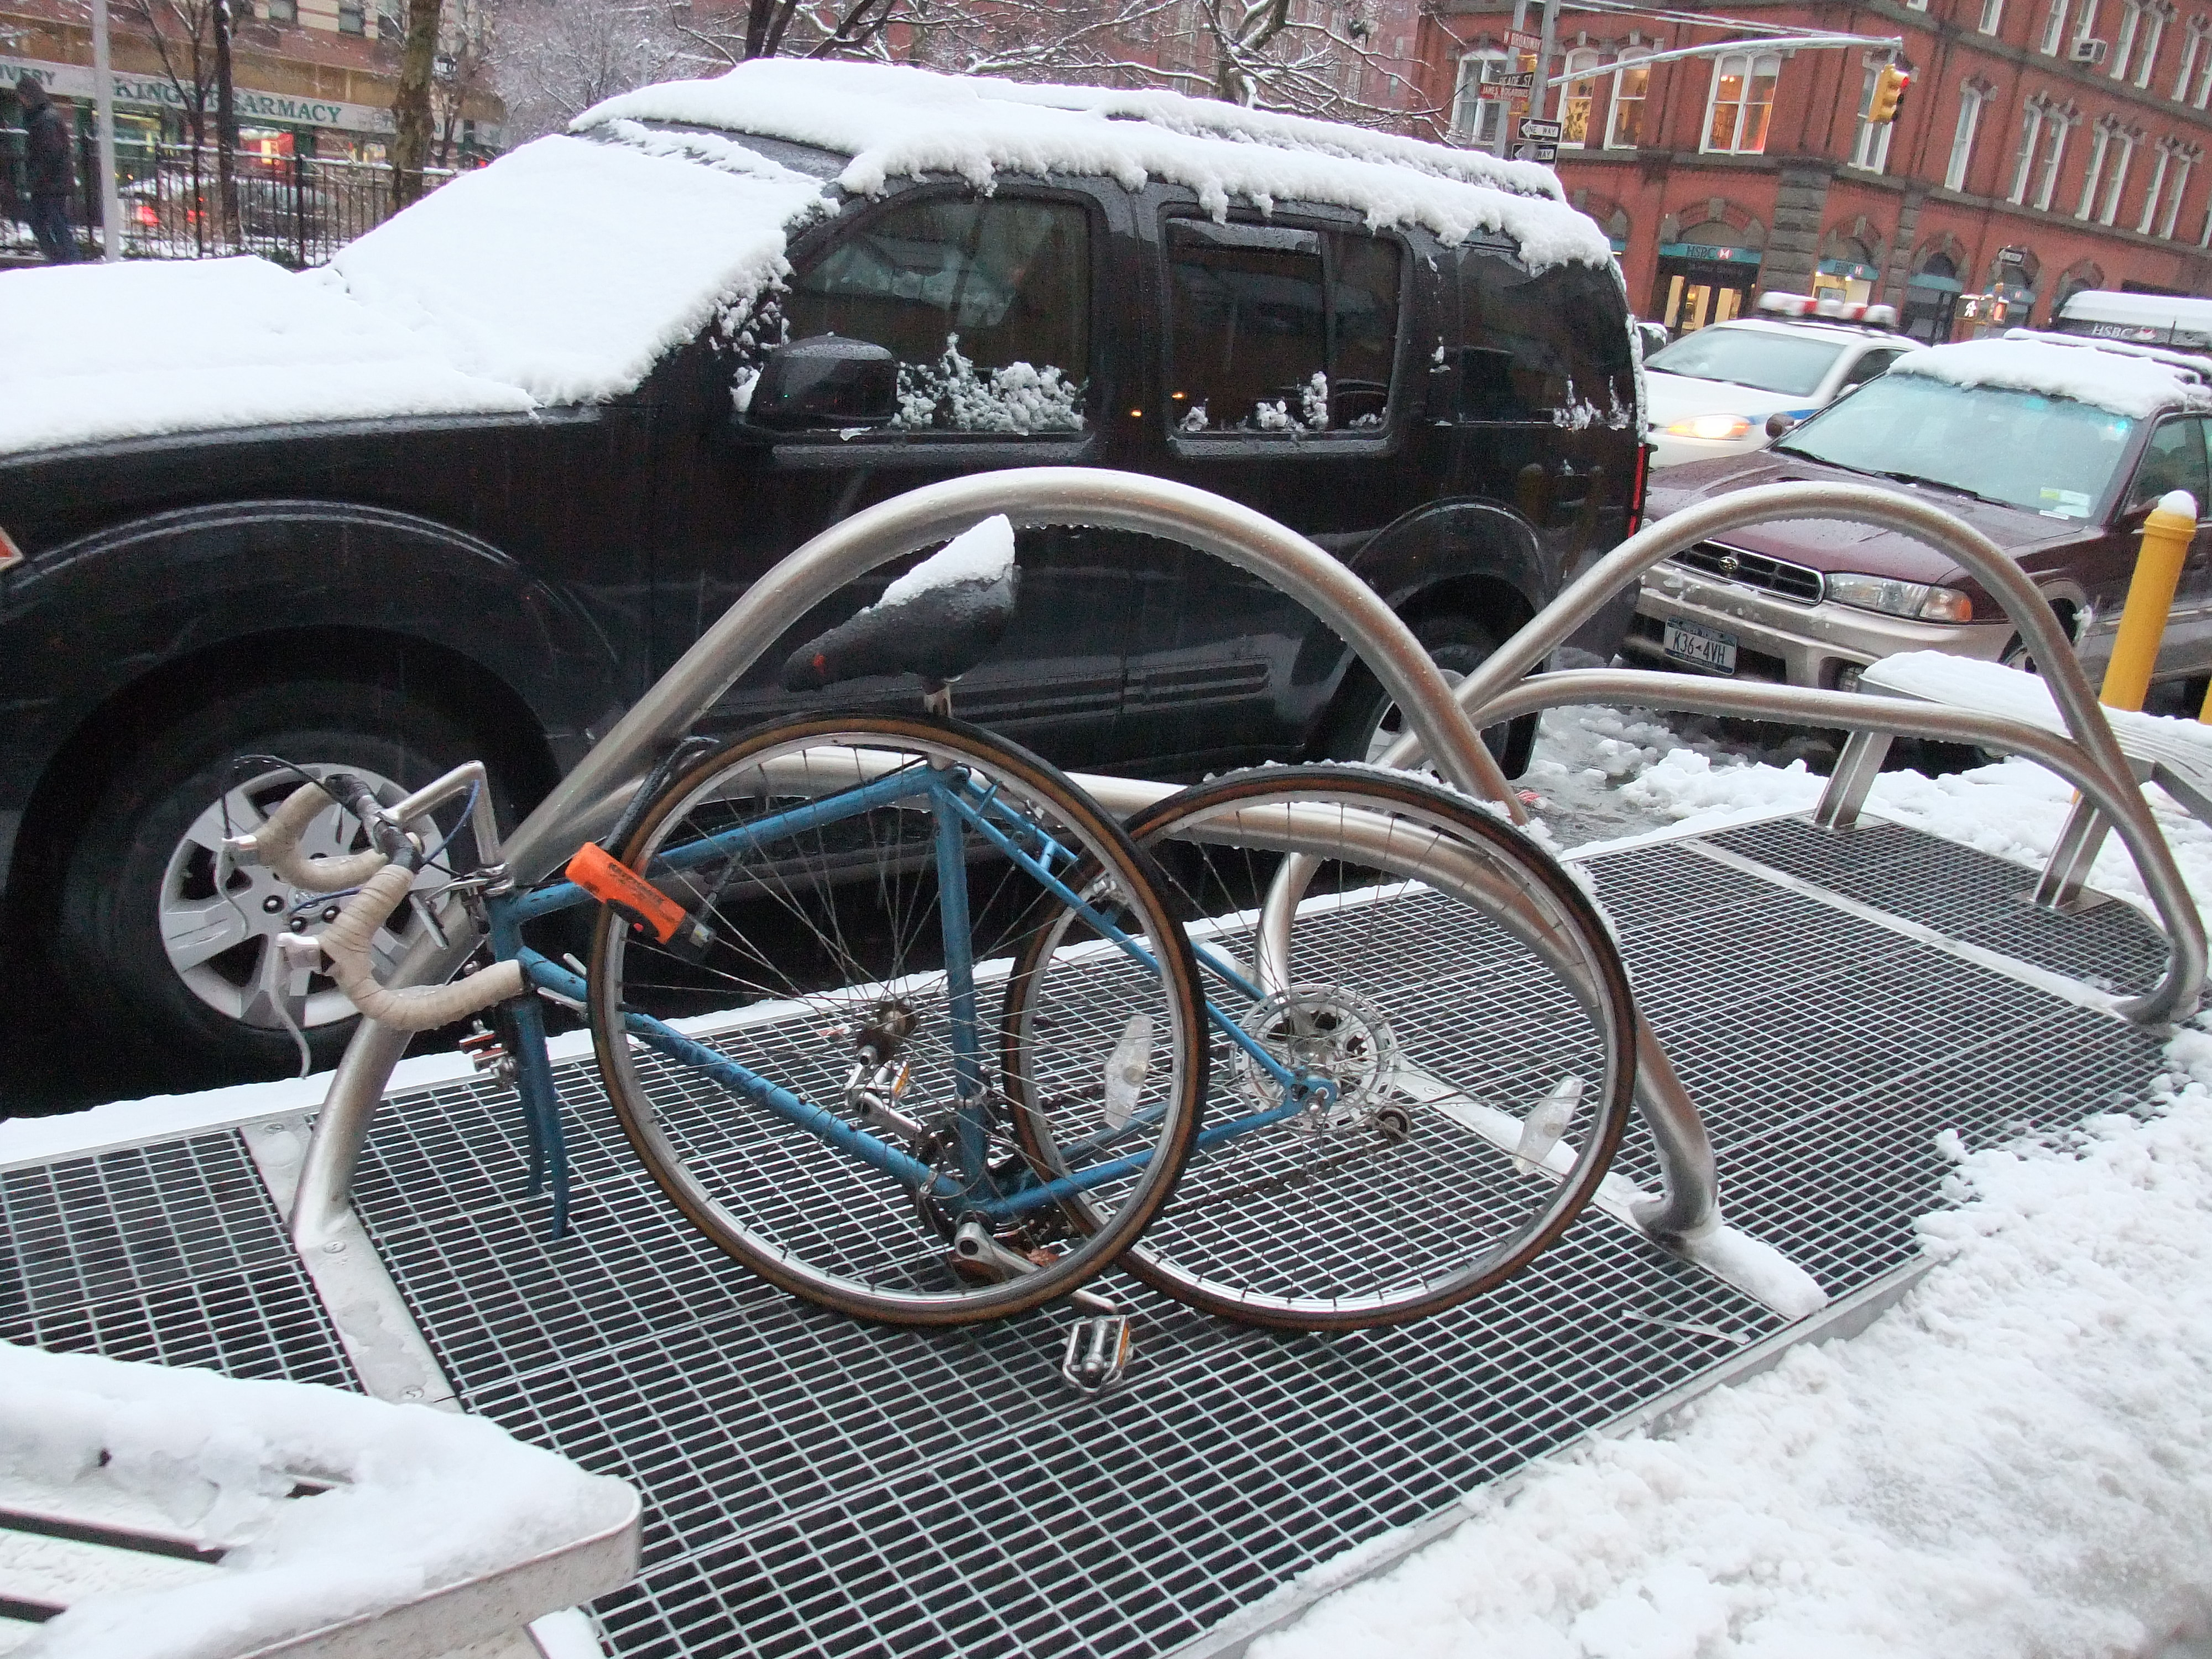 自転車の 頑丈な自転車 : ... 自転車を頑丈な鎖でグルグルと